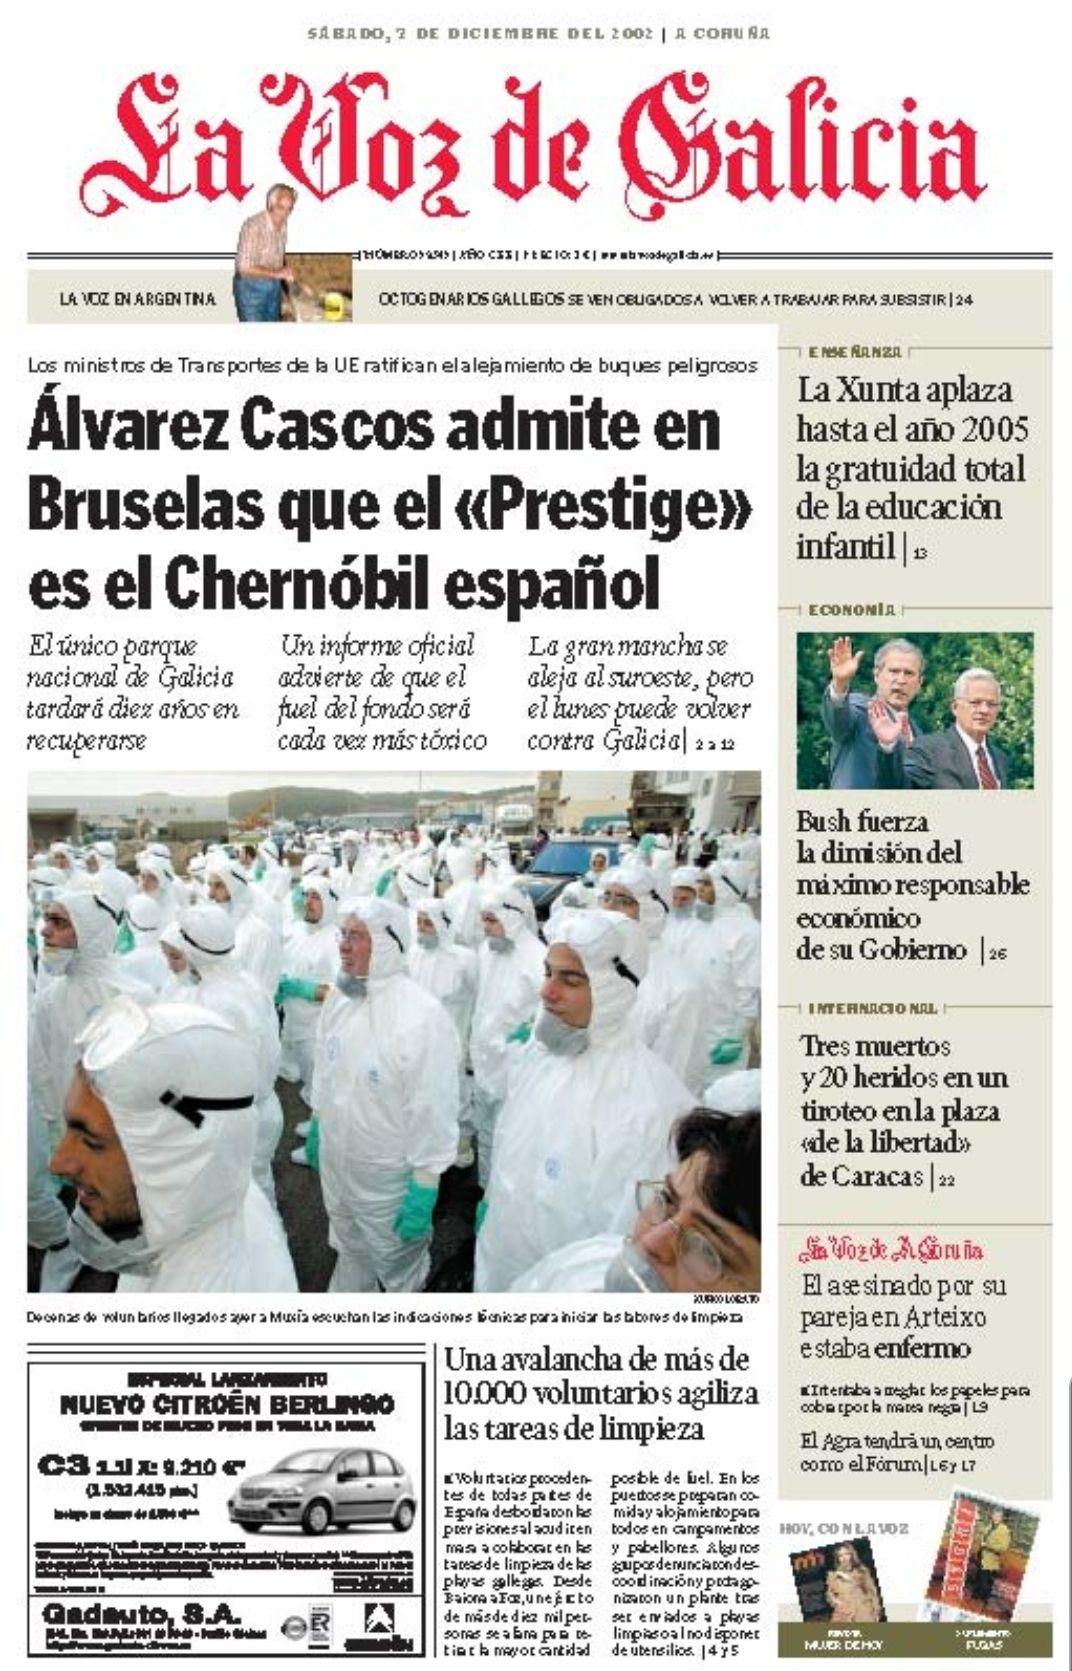 Subscripción 2 meses a La Voz de Galicia